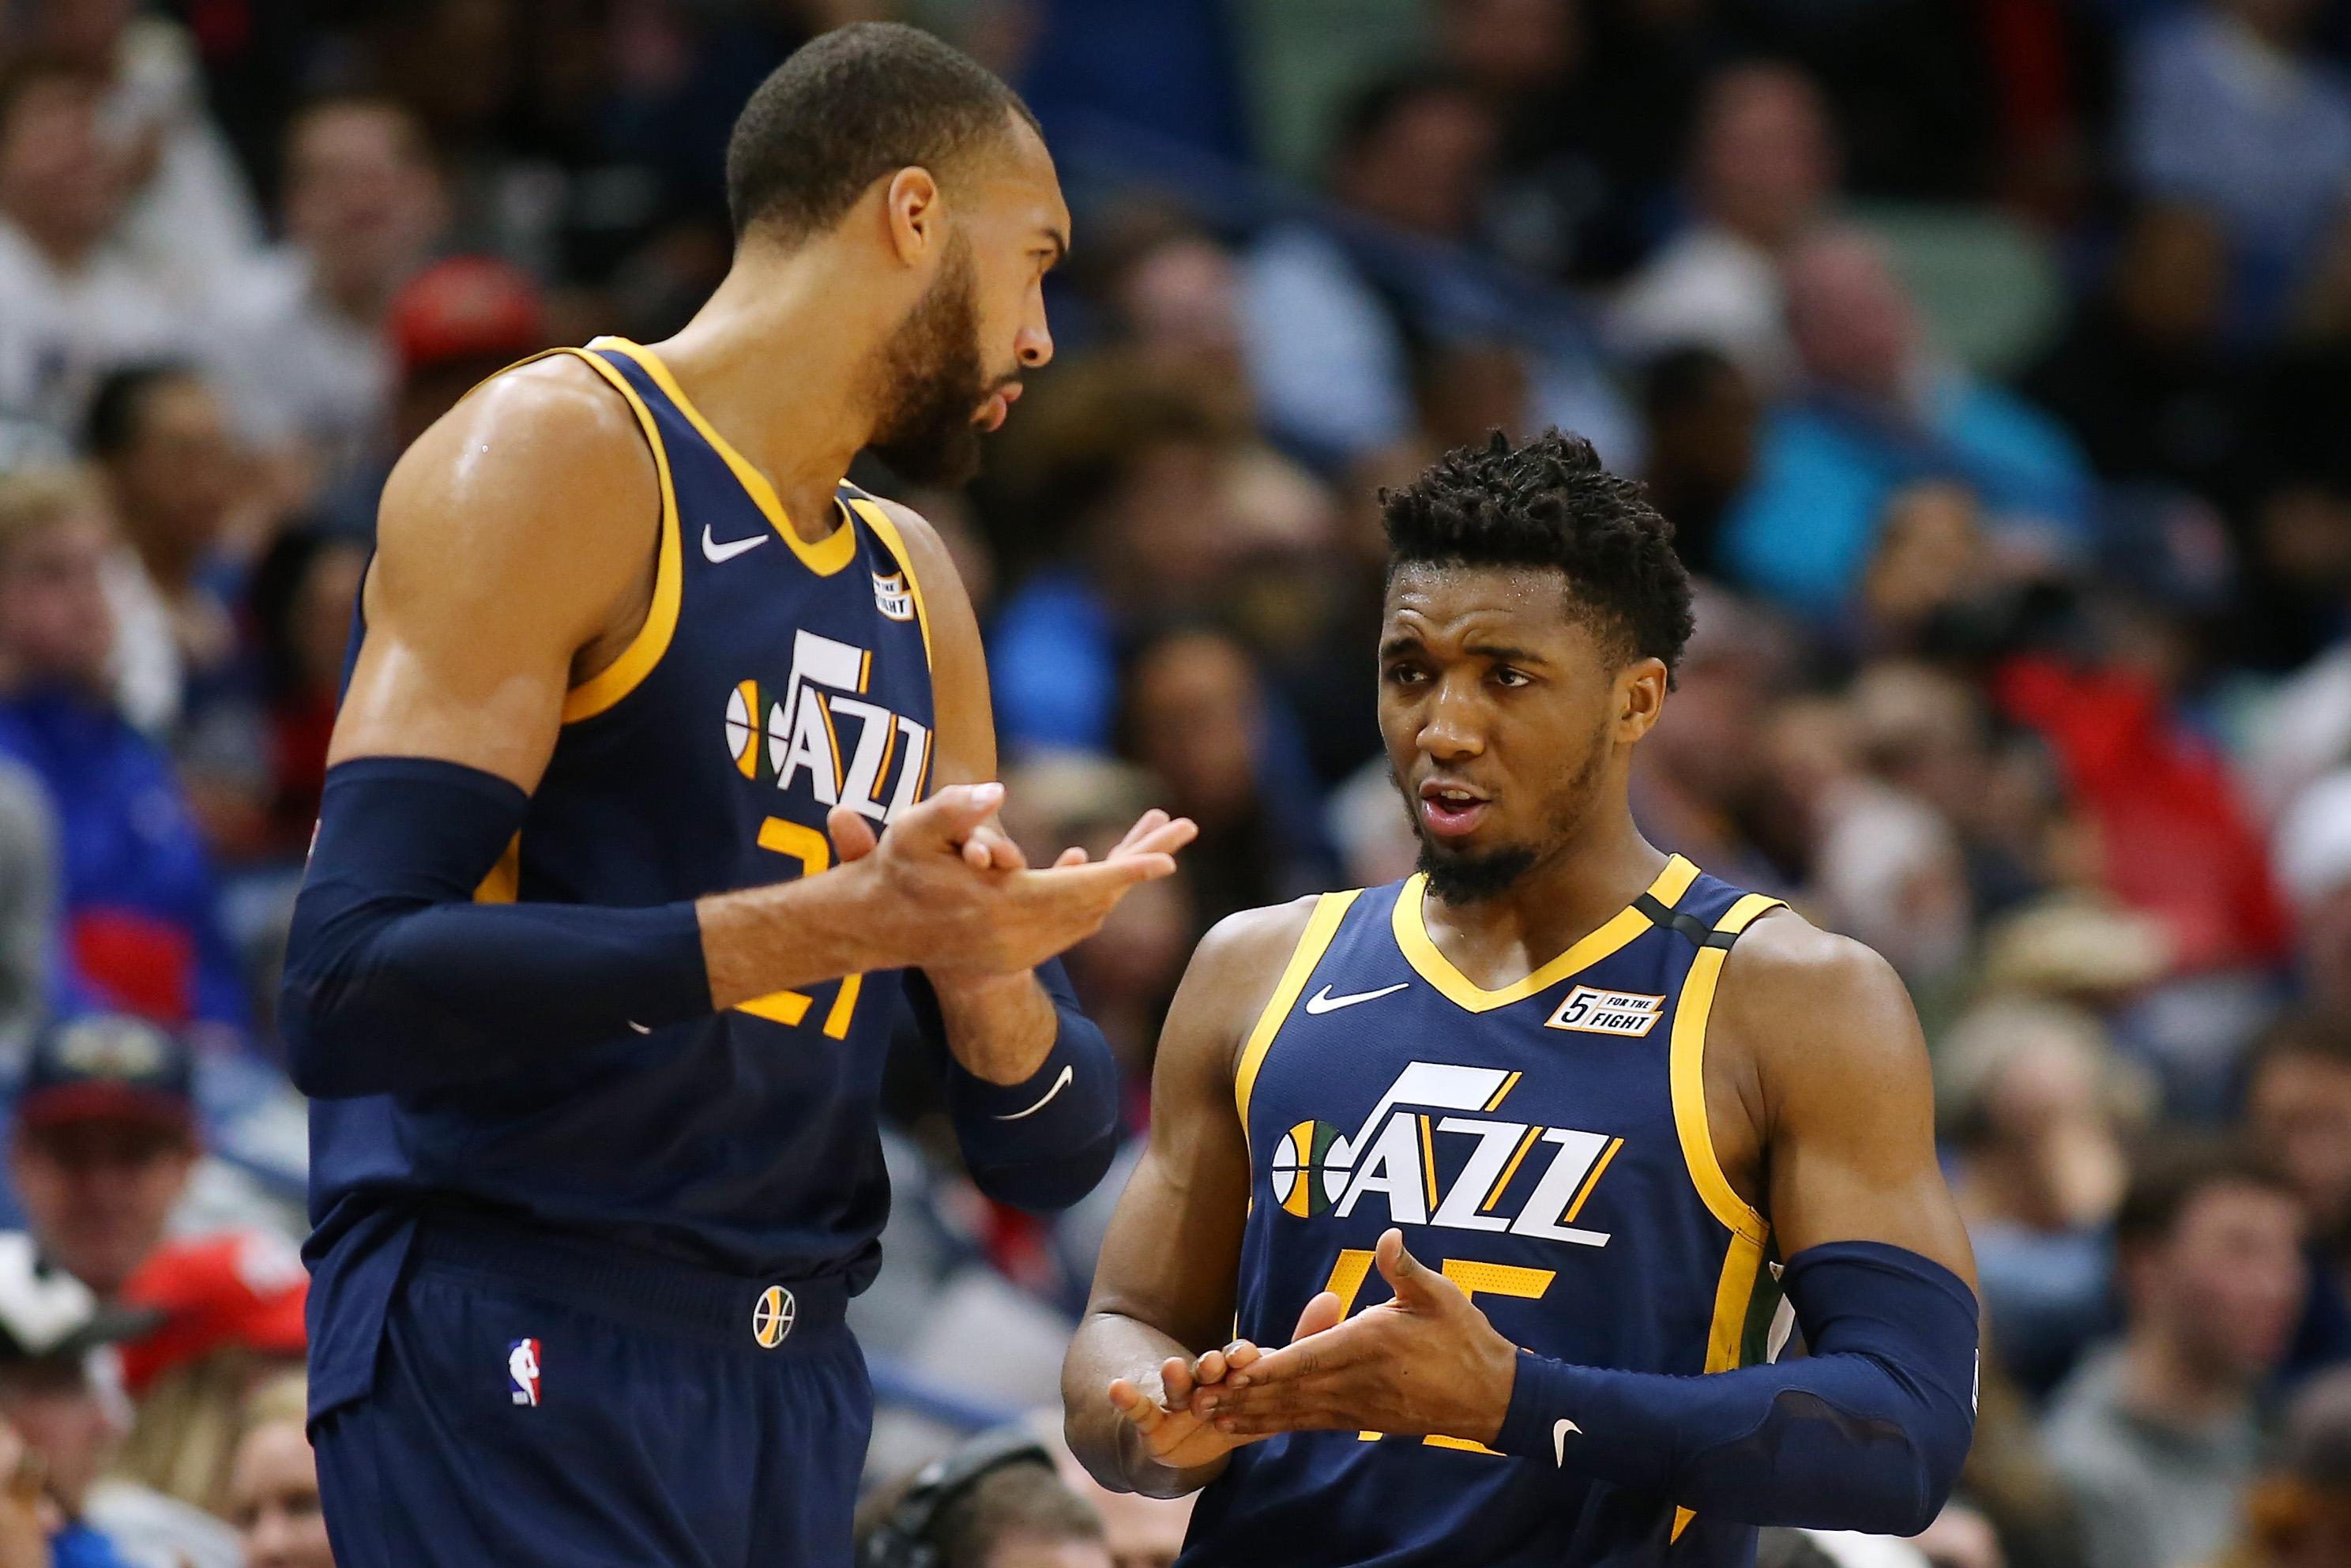 Utah Jazz's Donovan Mitchell and Rudy Gobert